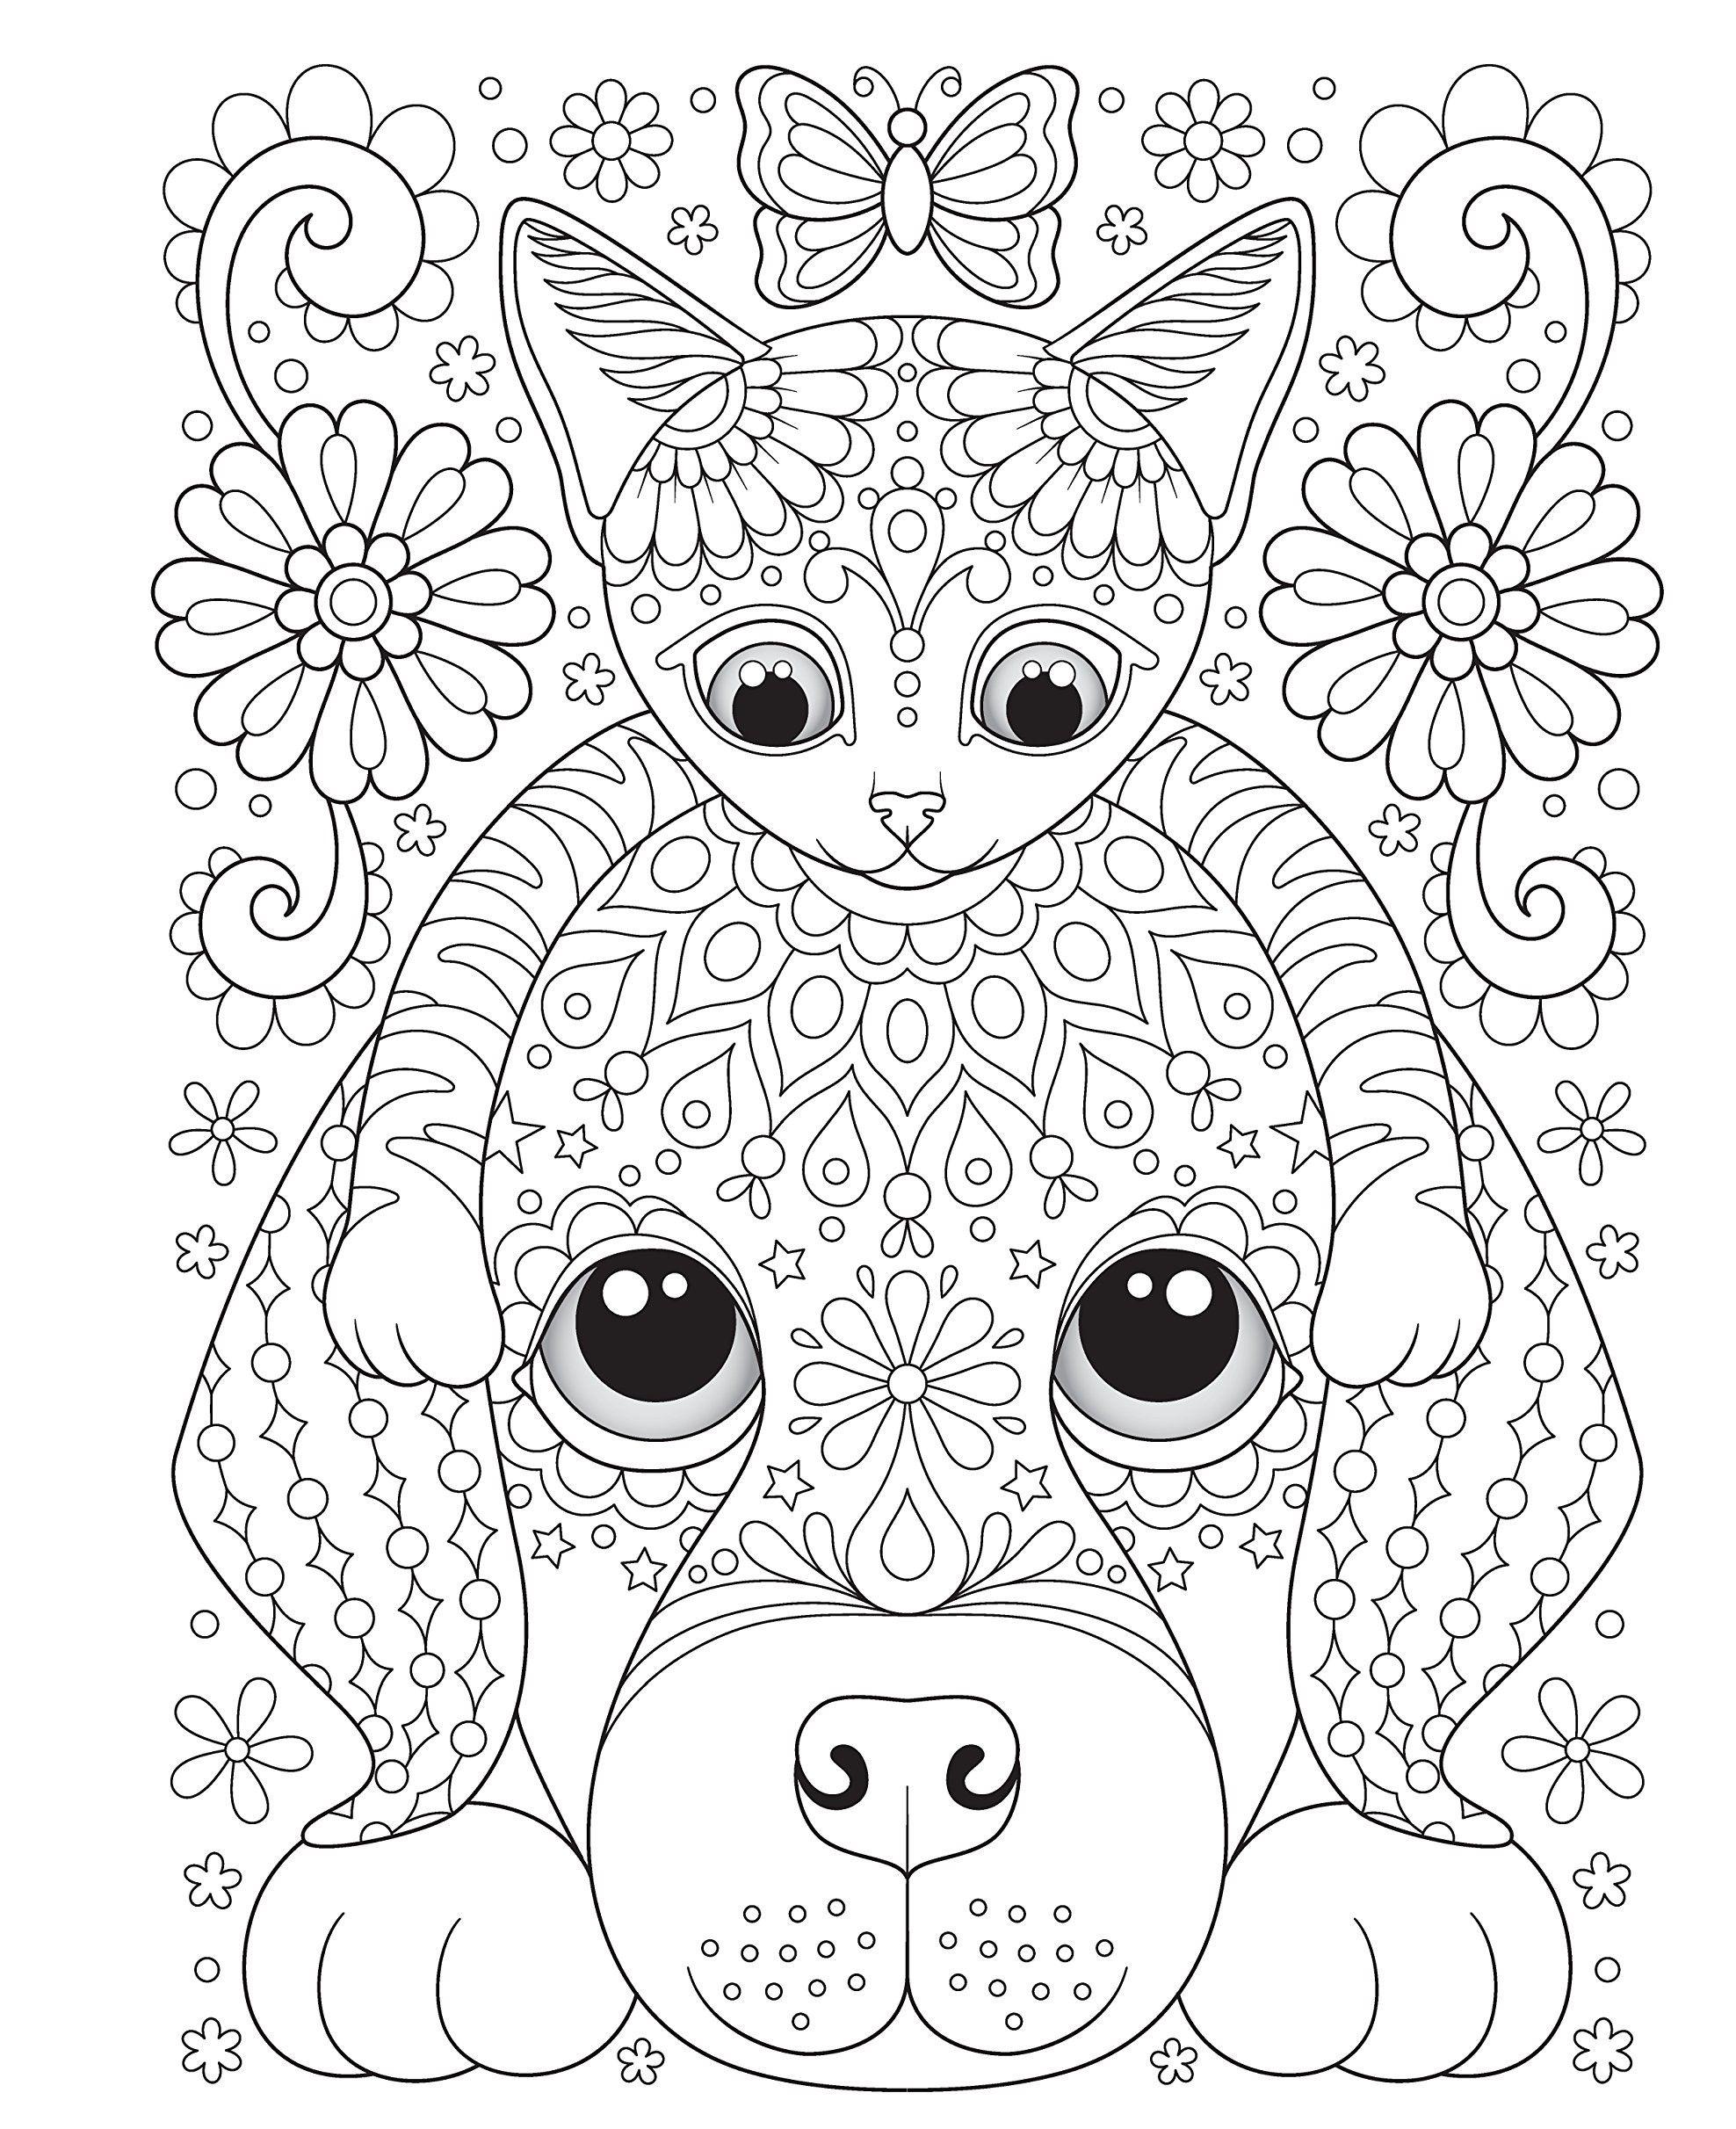 Раскраски сложные для взрослых антистресс «Дружба - кошка ...